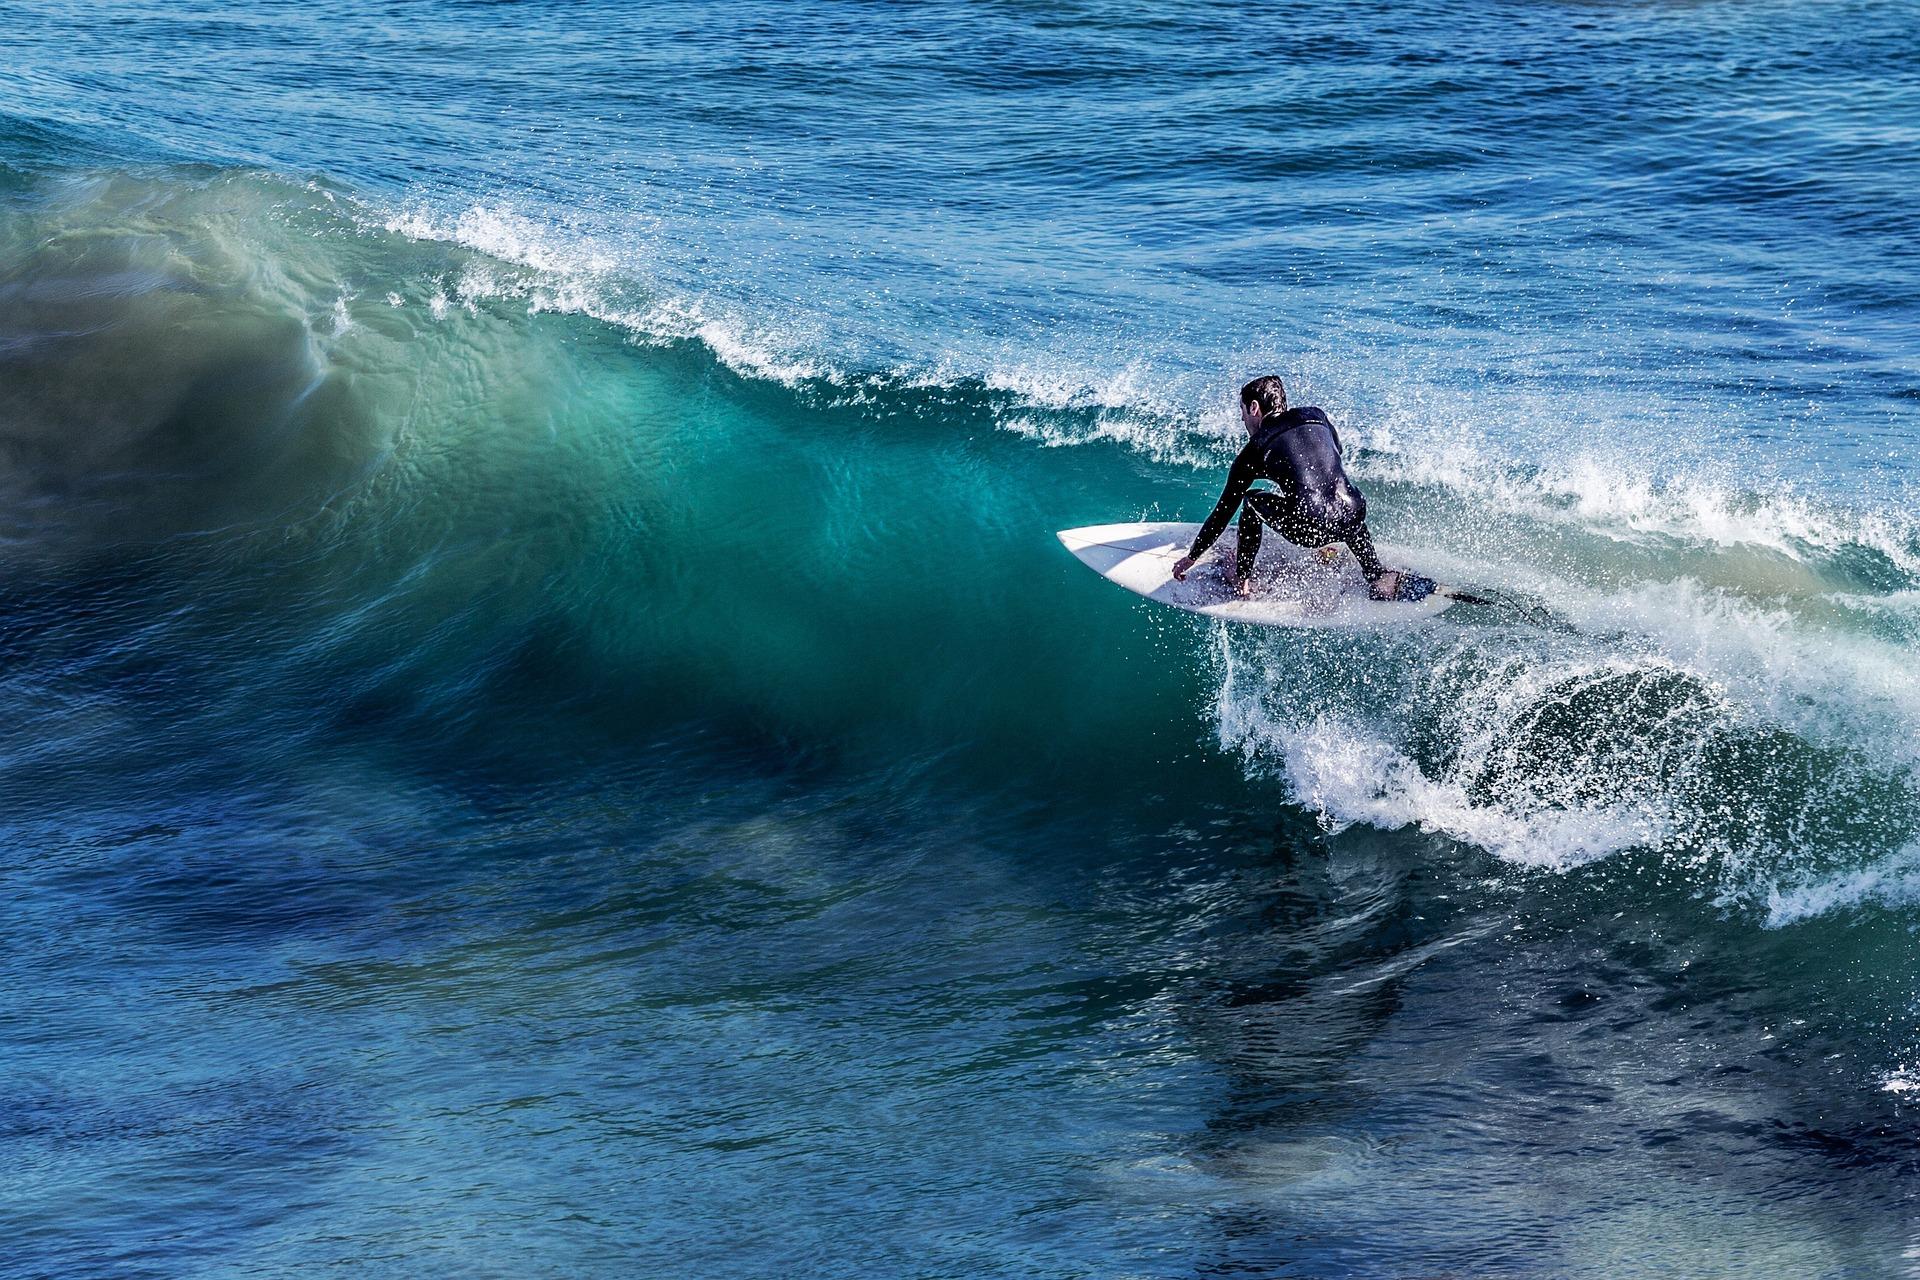 サーフィン-うつの波